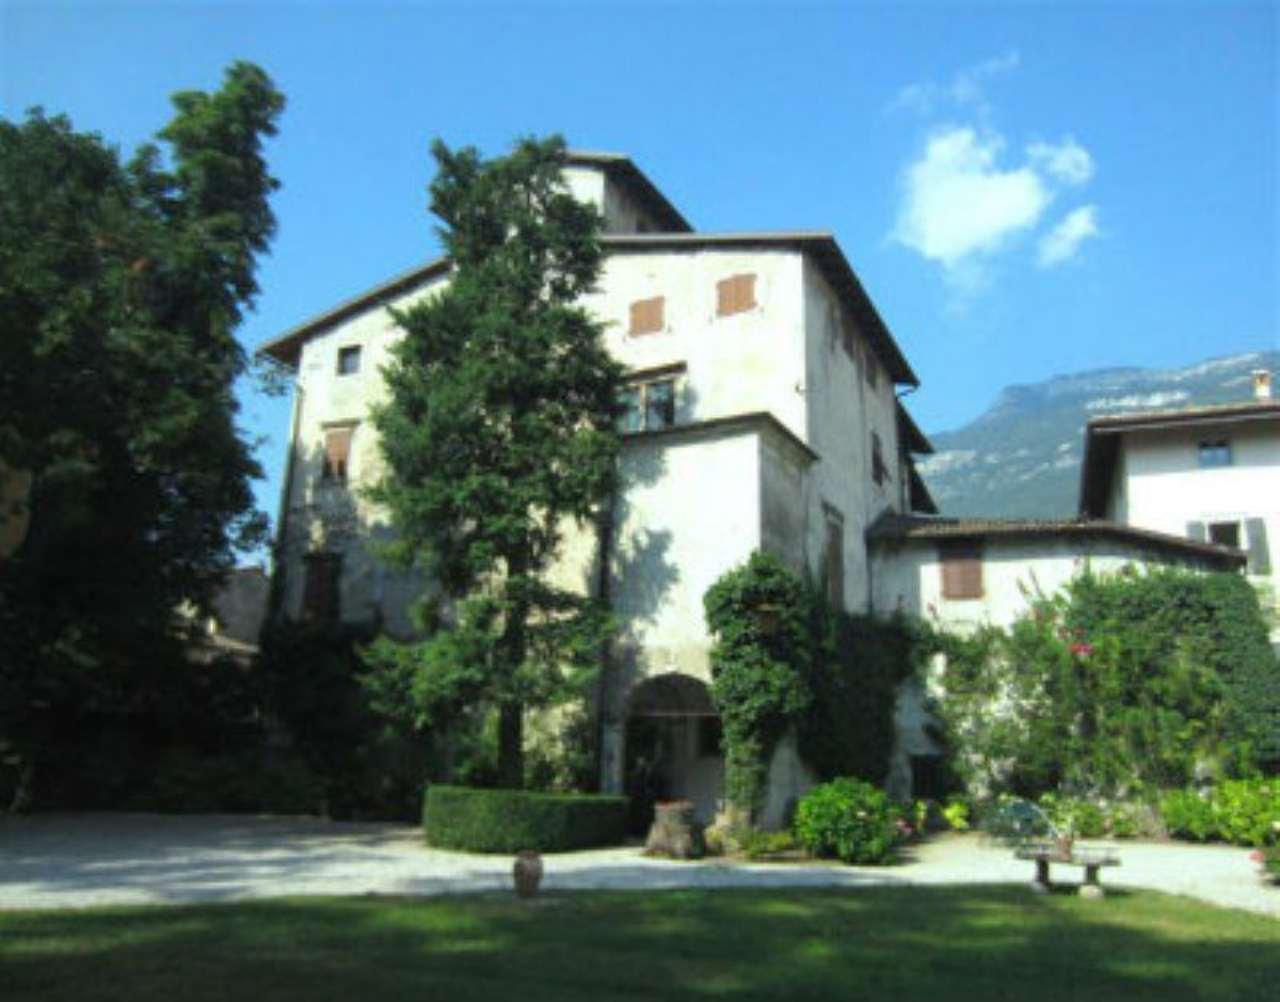 Palazzo in vendita a rovereto via fratelli bronzetti for Arredamento rovereto